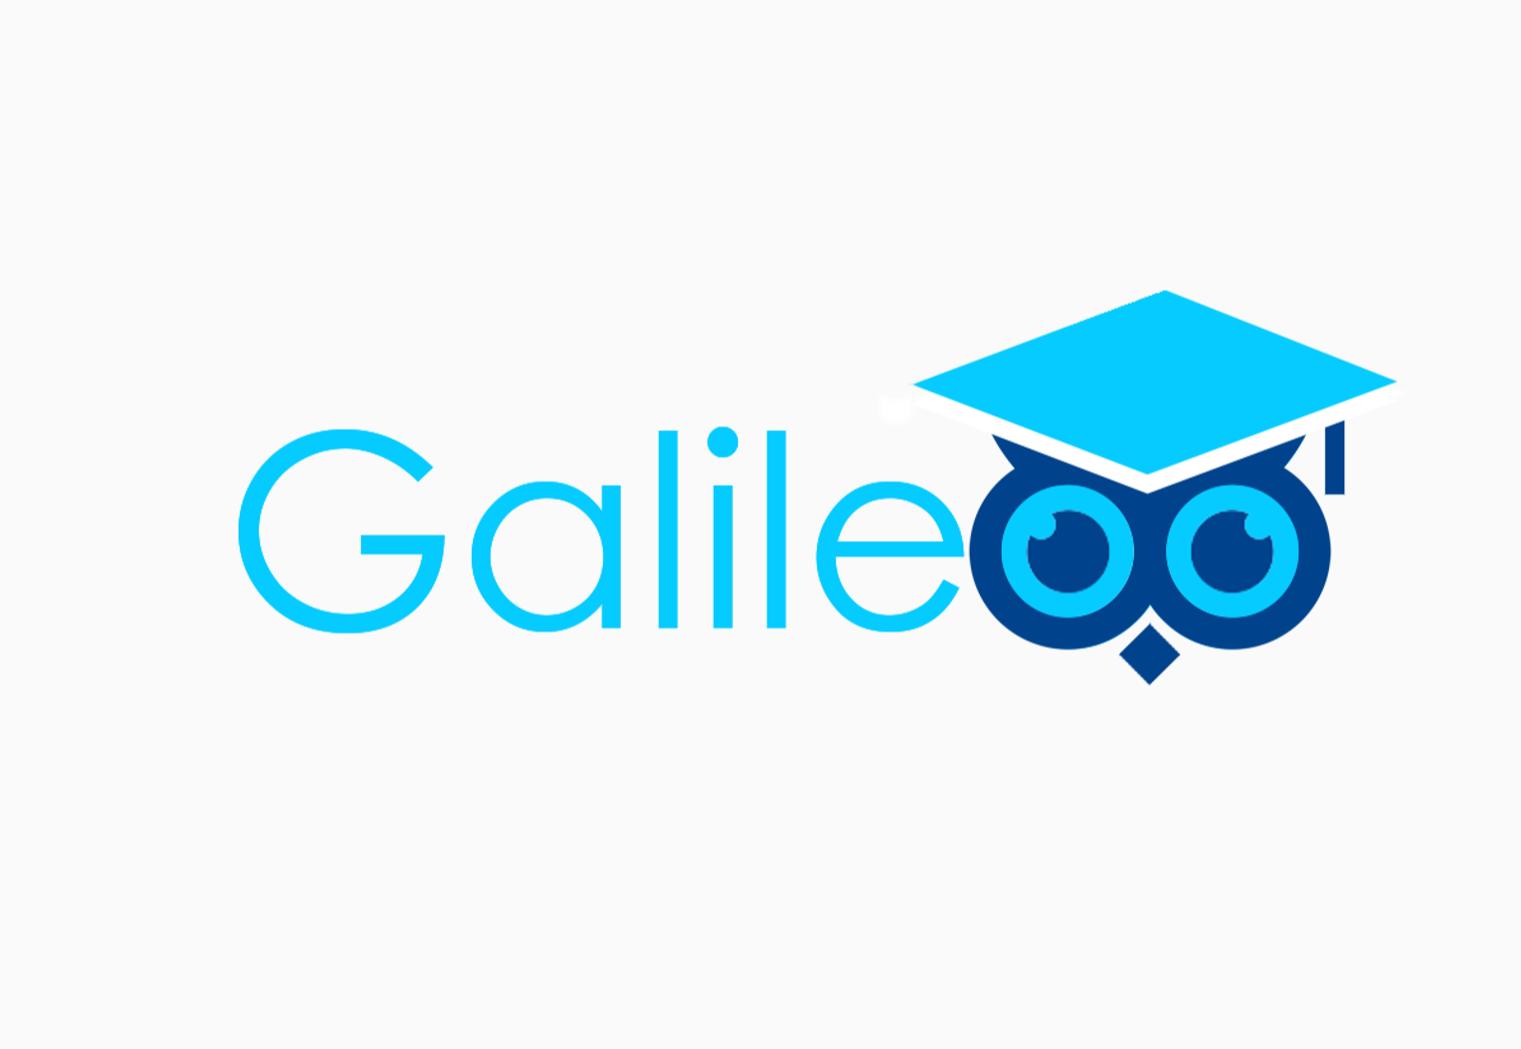 GALILEOO